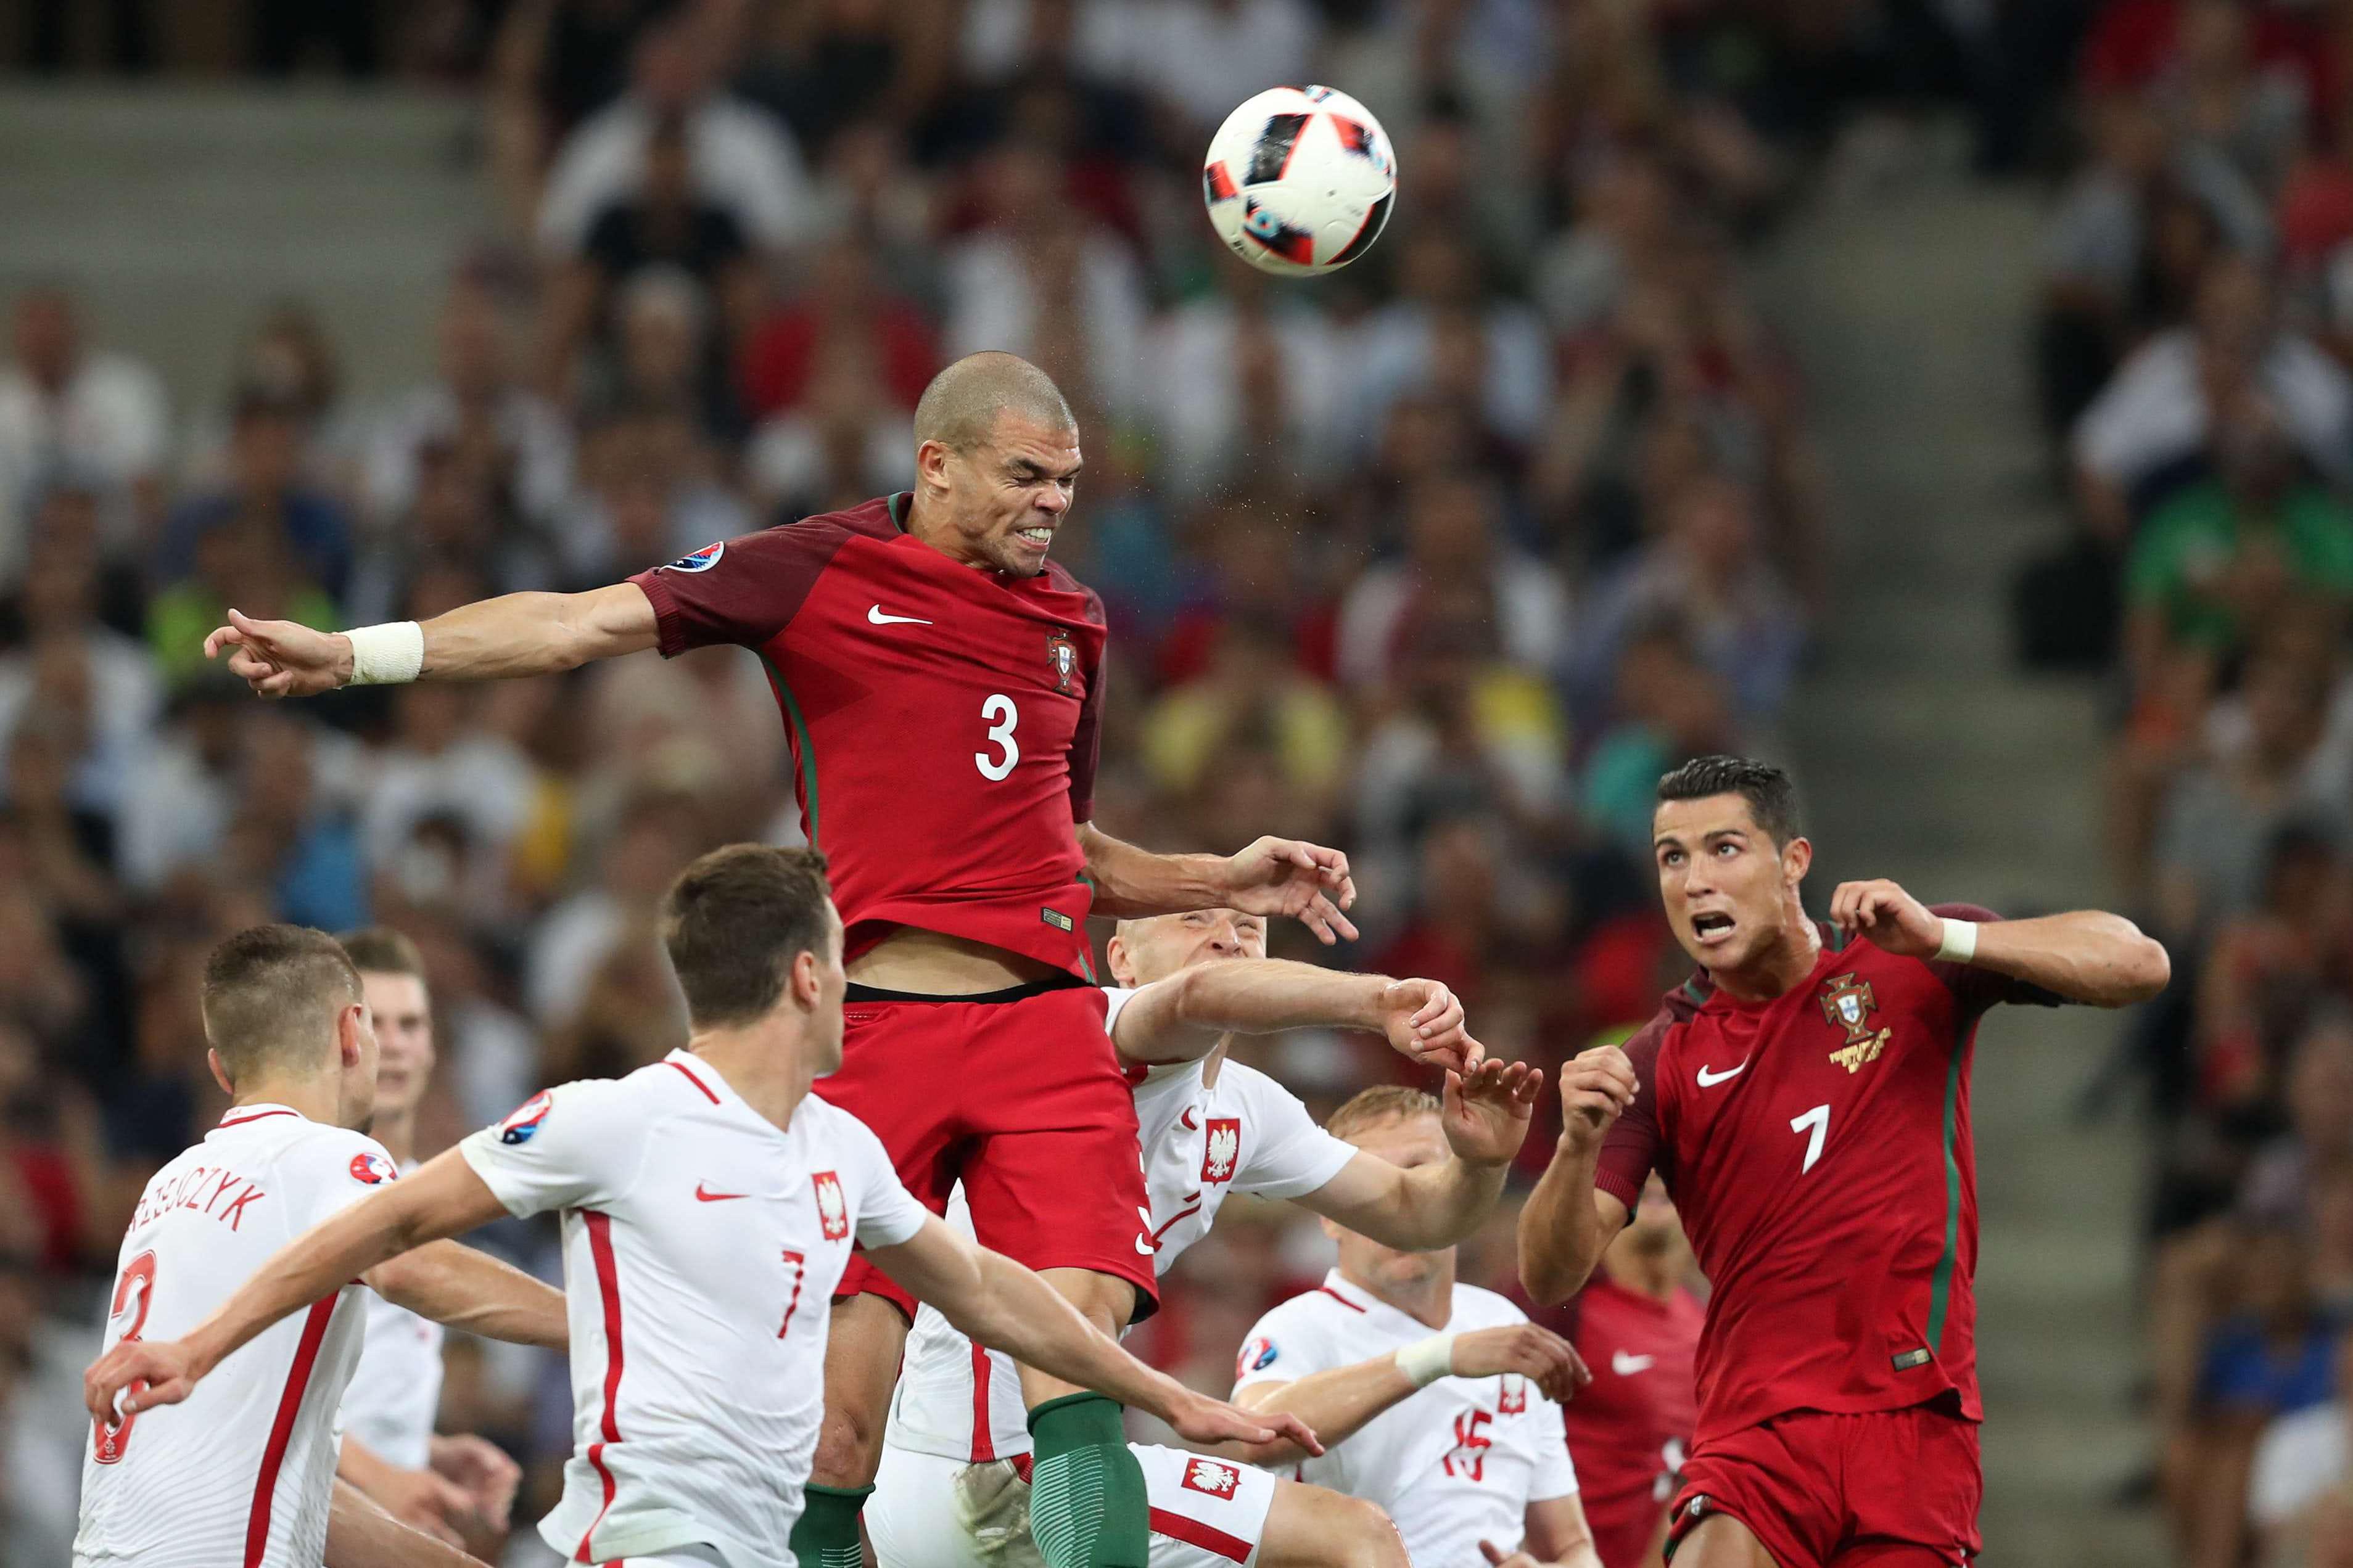 Pologne - Portugal [MATCH EN DIRECT] : le score en live ...